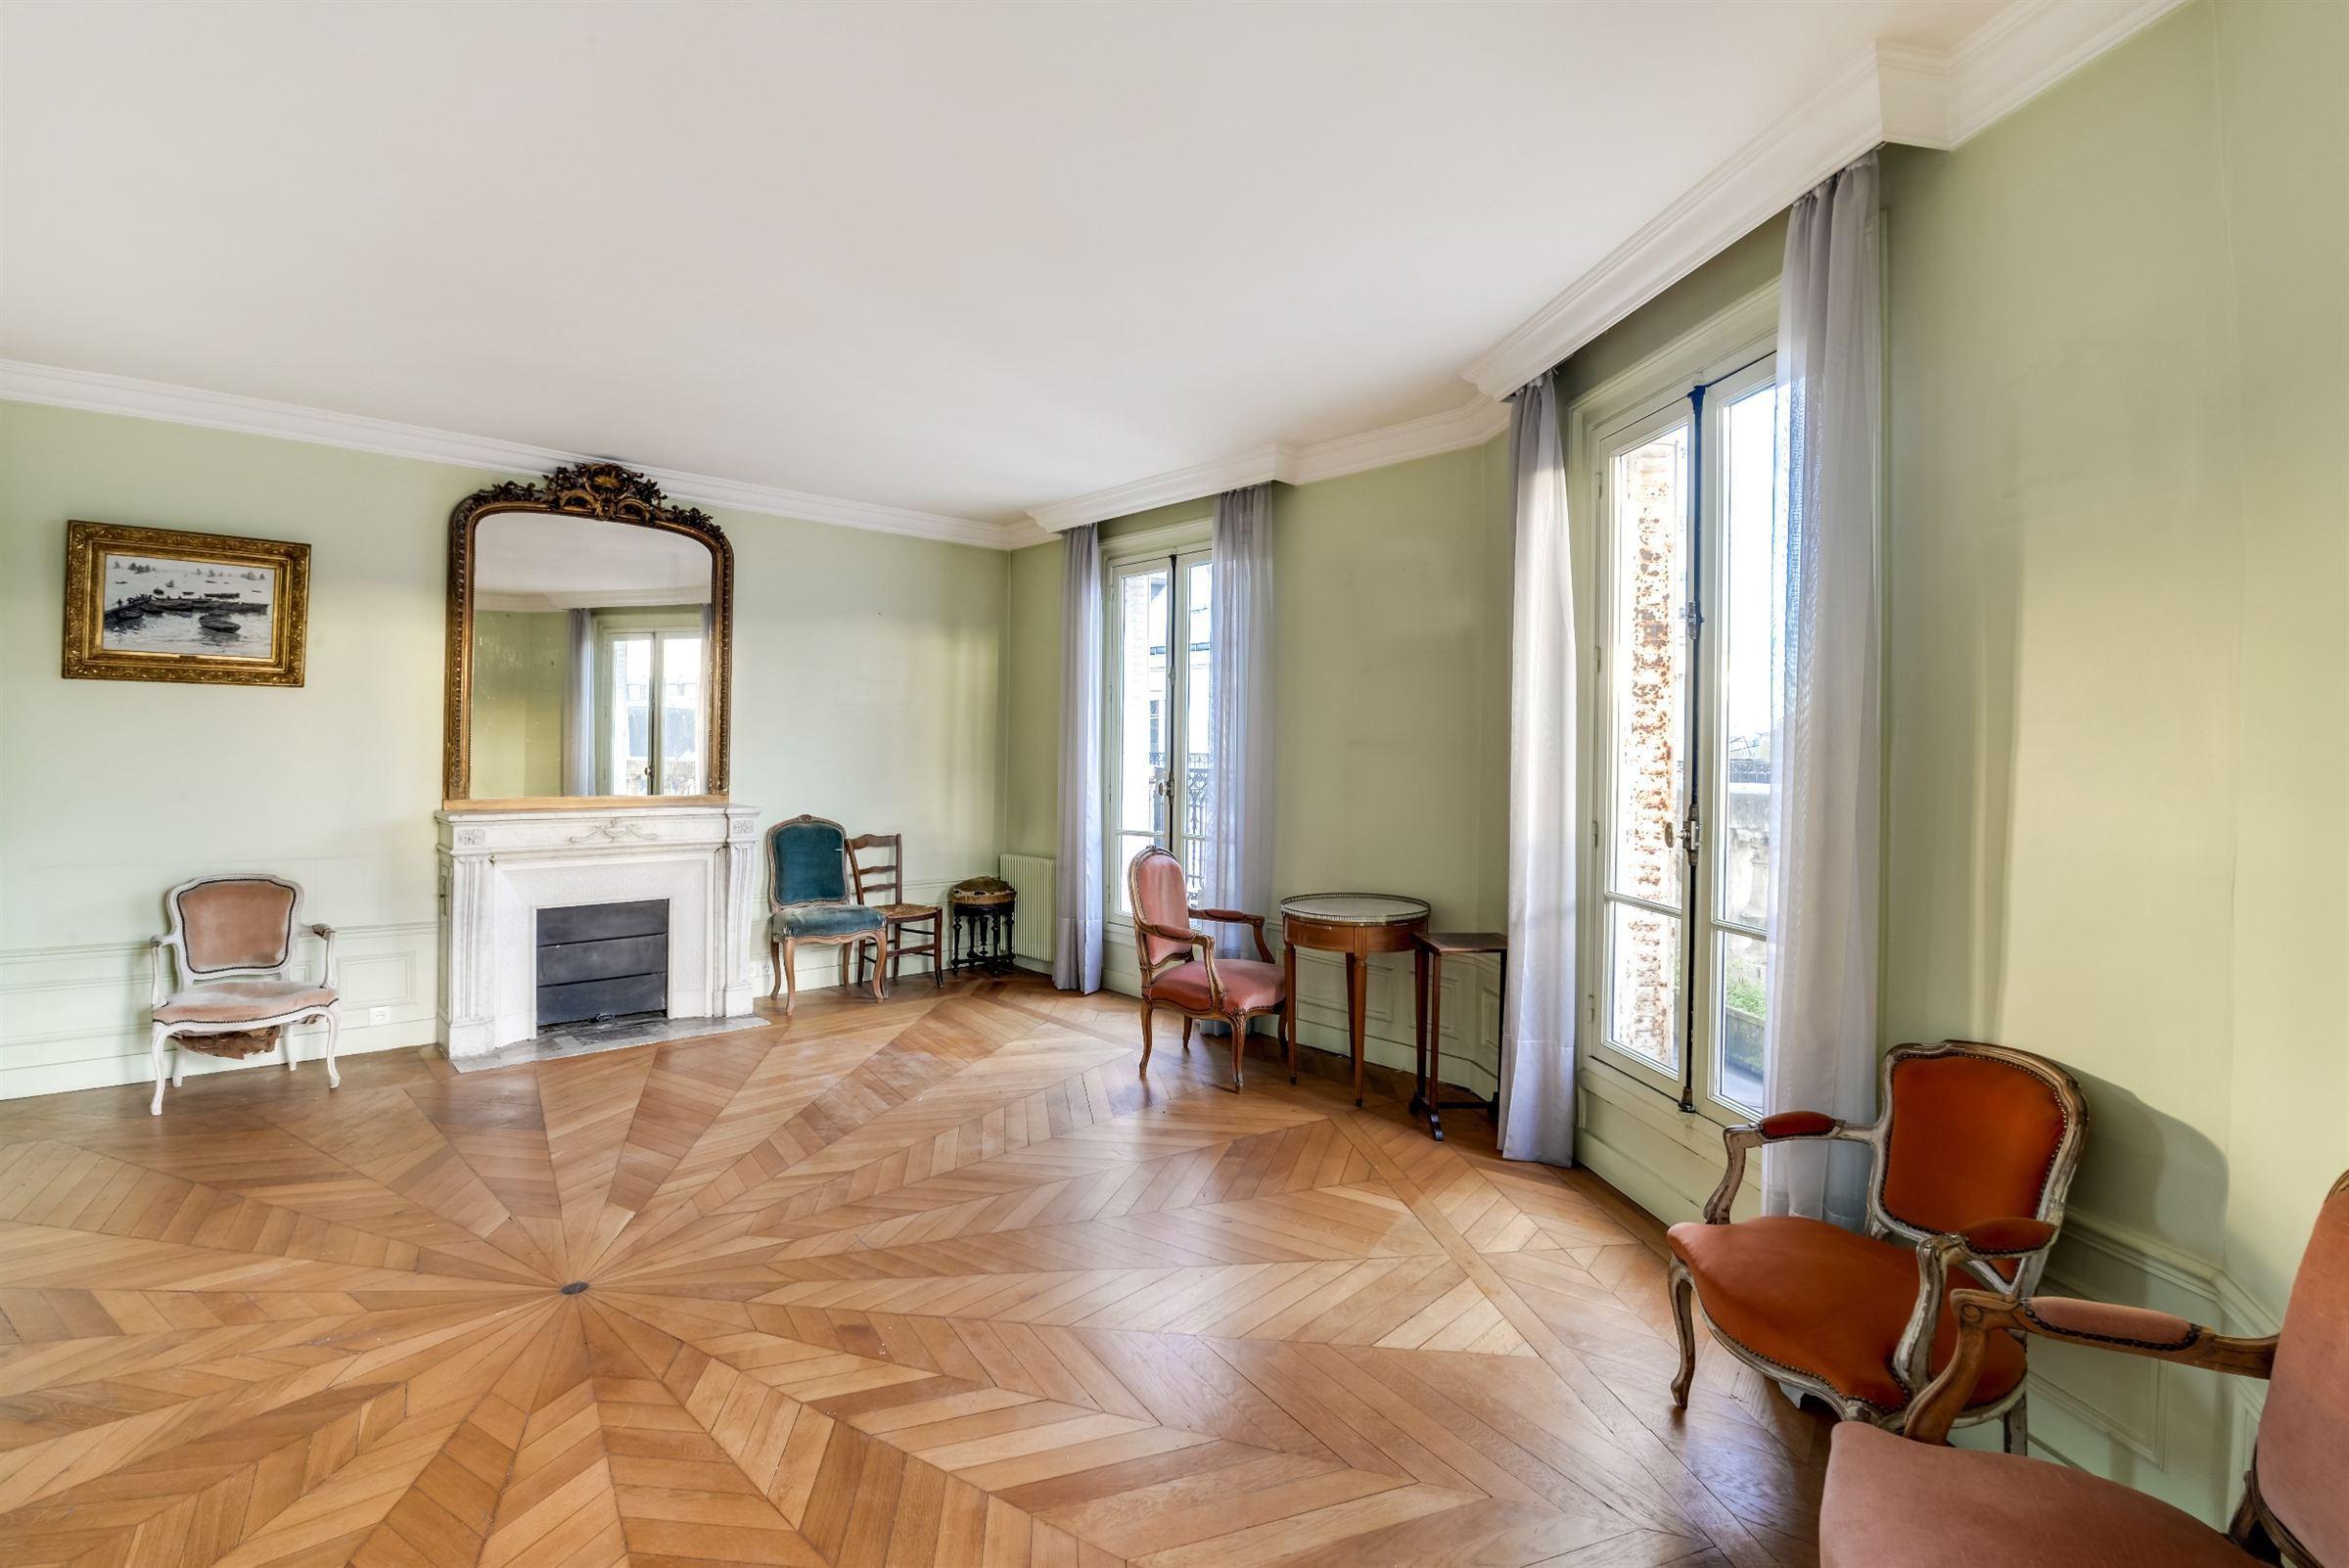 sales property at Apartment with a Notre-Dame view for sale in Paris 6th - St-Germain-des-Prés